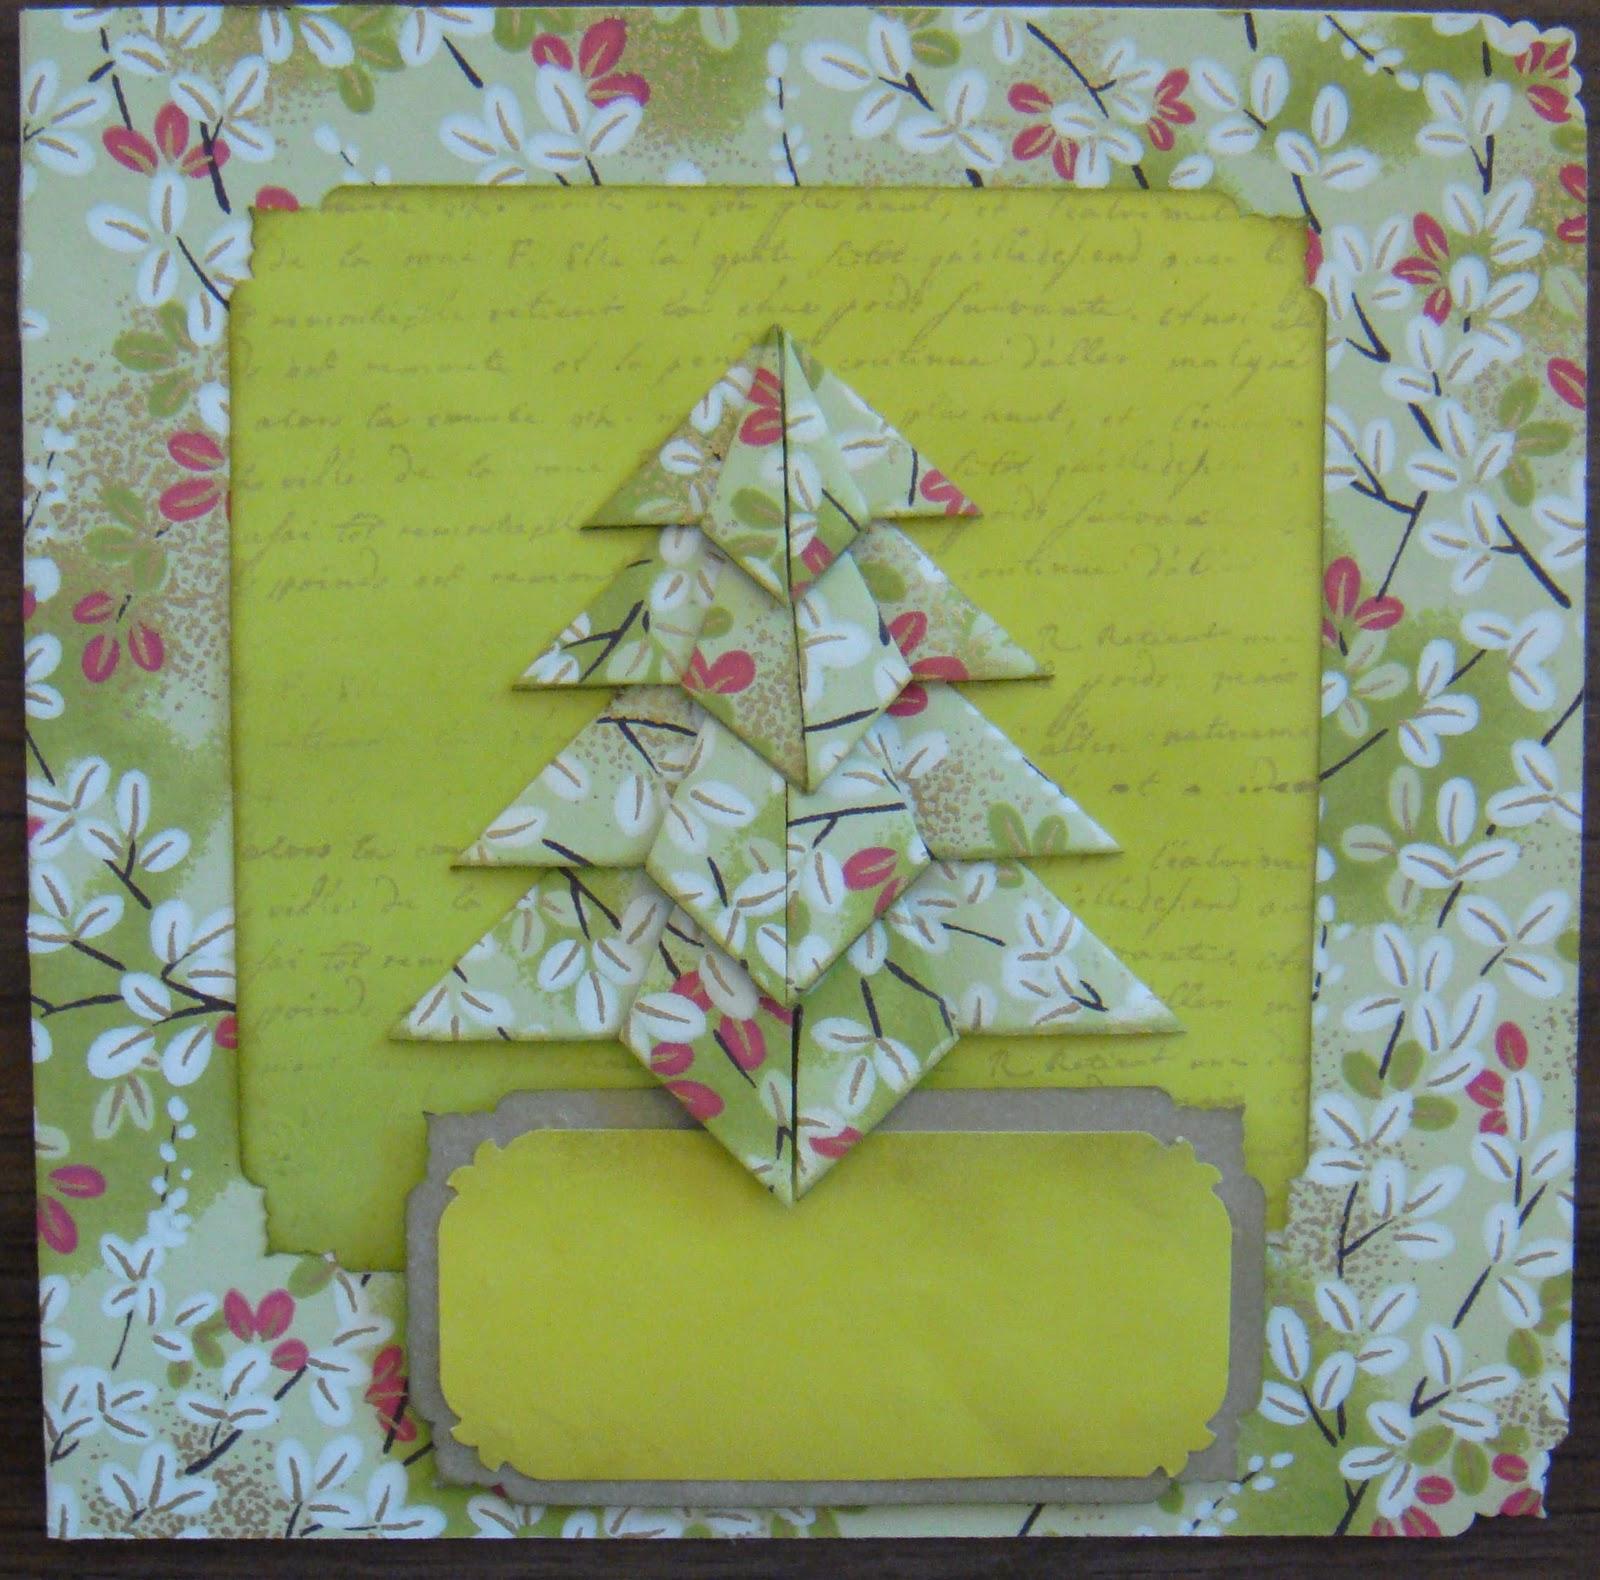 Mi mundo en papel tarjetas navide as con rbol de navidad - Manualidades postales navidad ...